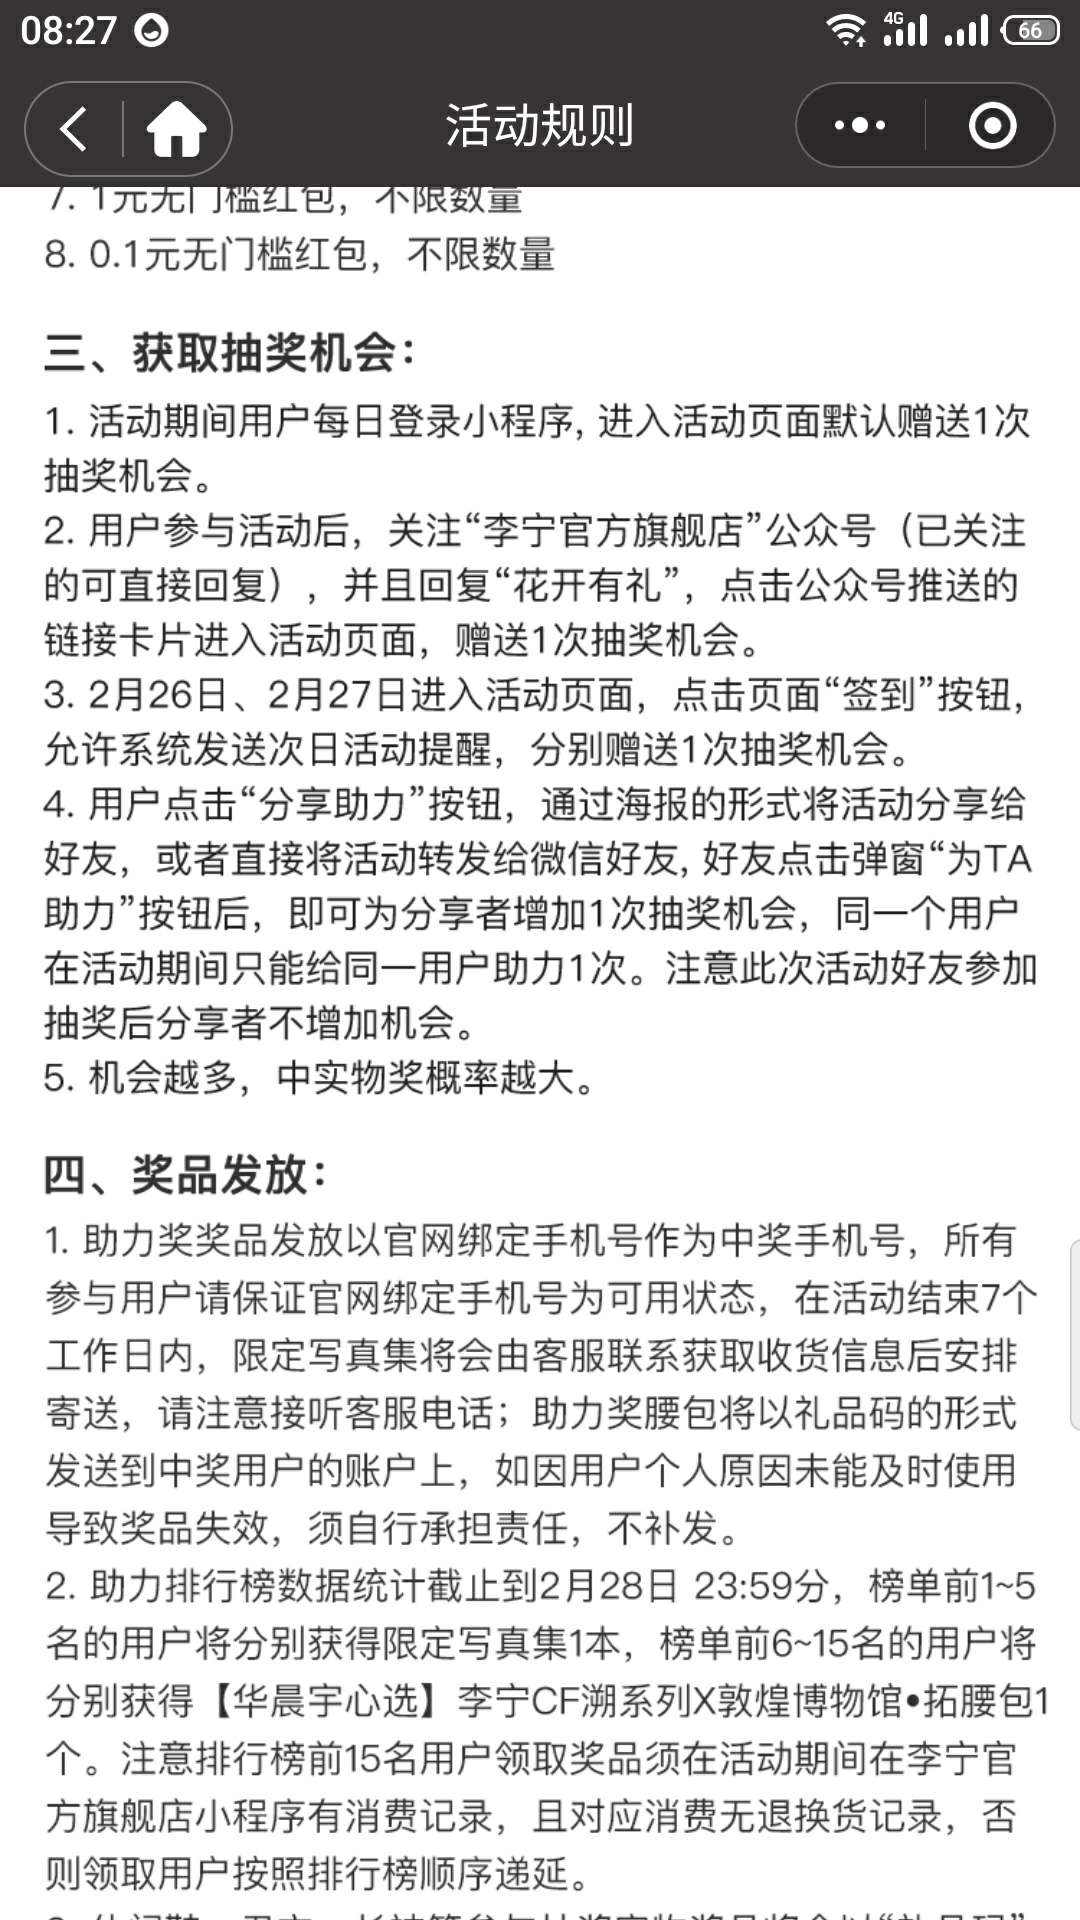 李宁官方旗舰店小程序概率抽实物插图6